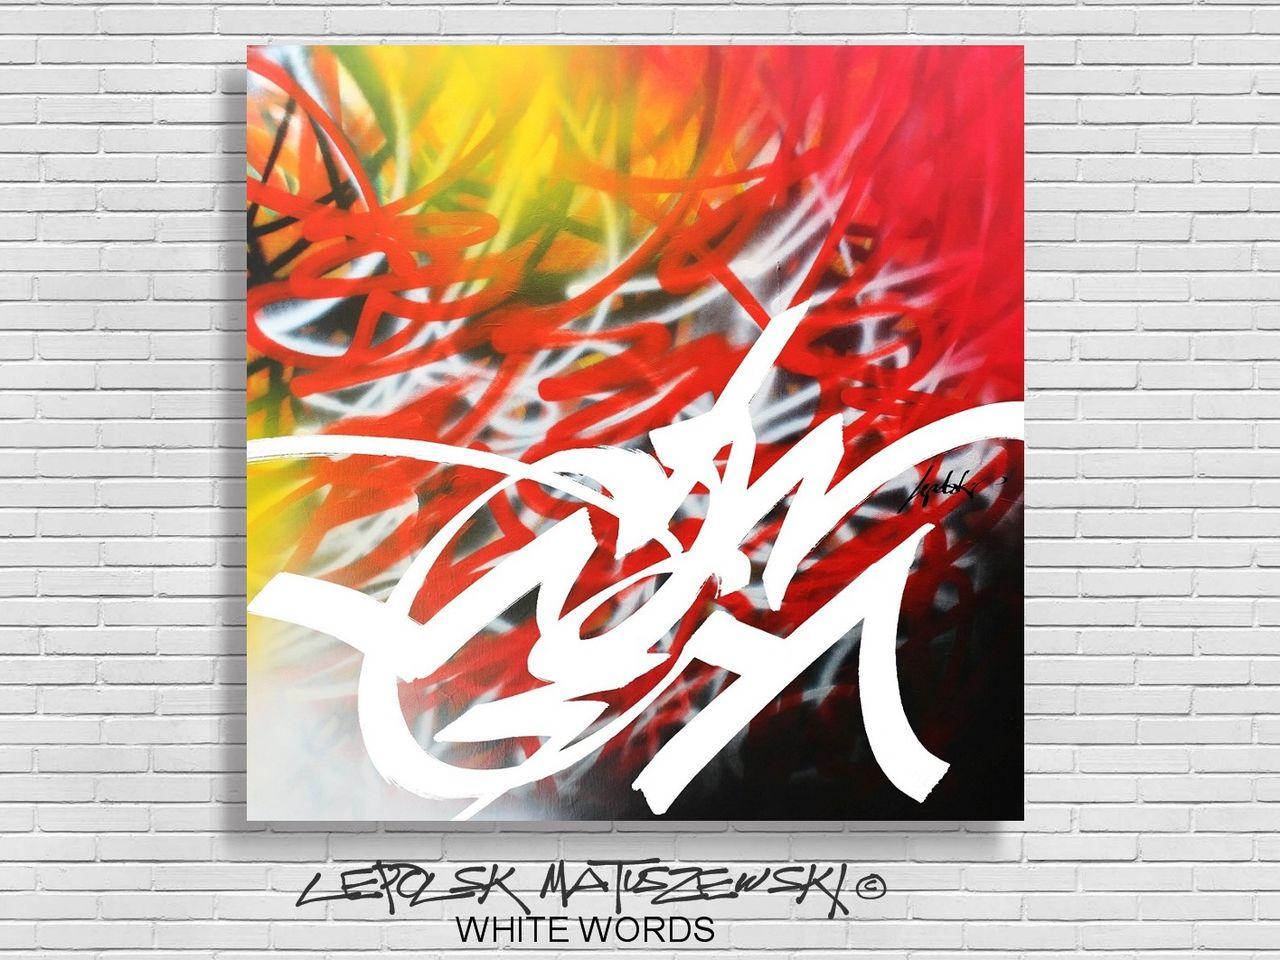 MISTER K  (Lepolsk Matuszewski) WHITE WORDS lepolsk 2016 abstract graffiti